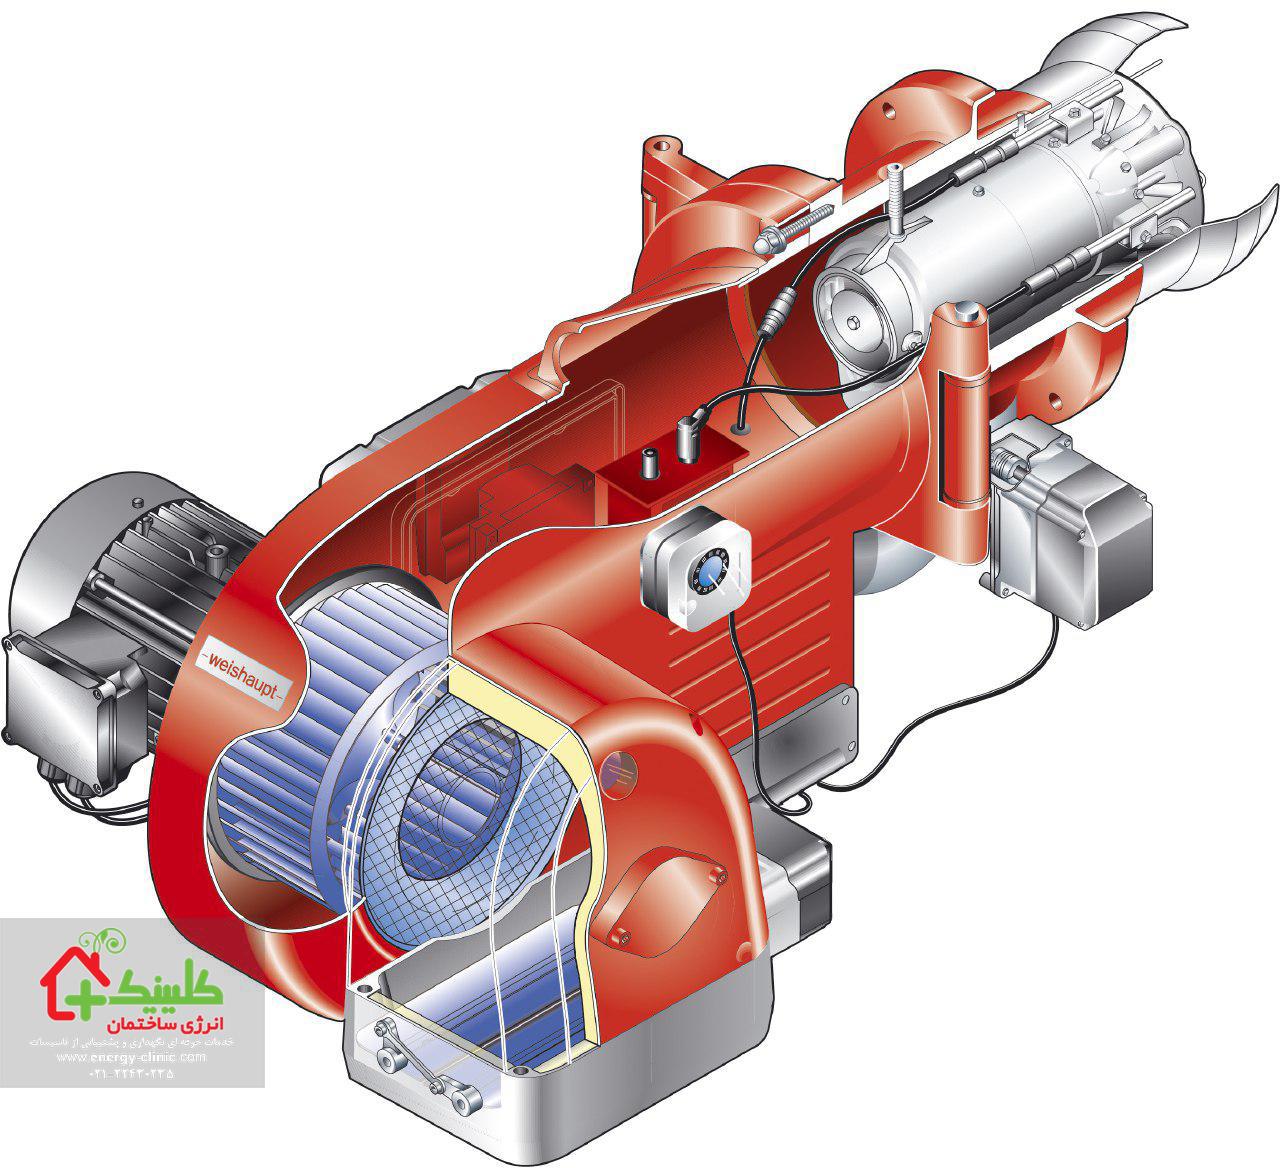 سیستم گرمایش مرکزی ساختمان نقشه برش خورده یک دستگاه مشعل موتورخانه – ساخت کشور آلمان